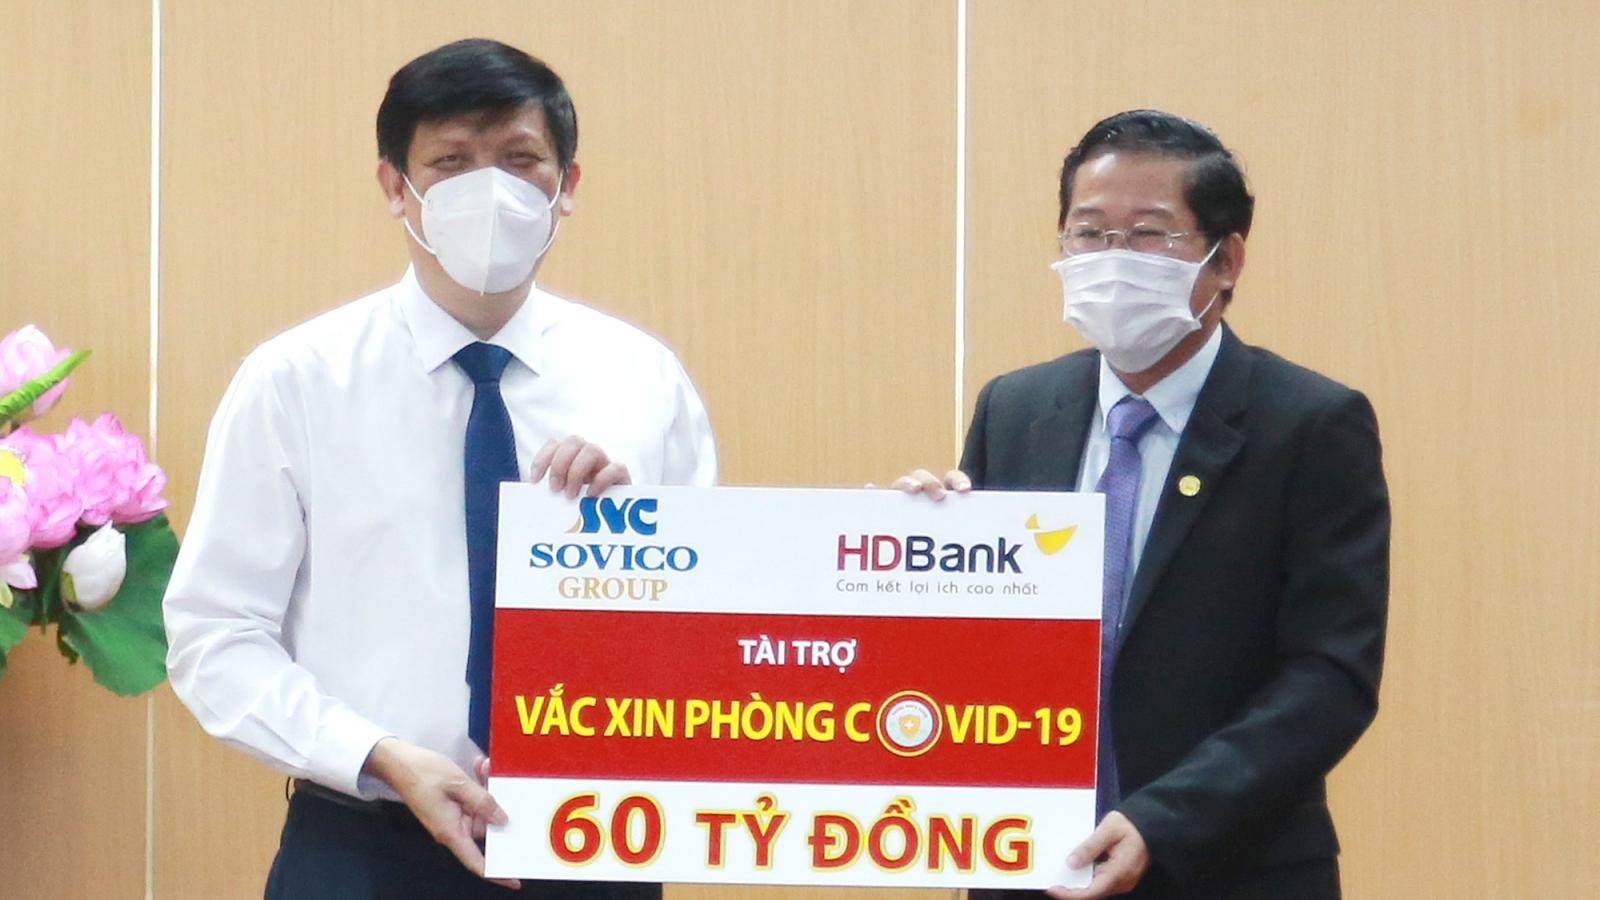 Sovico Group và HDBank ủng hộ chương trình vaccine phòng ngừa Covid-19